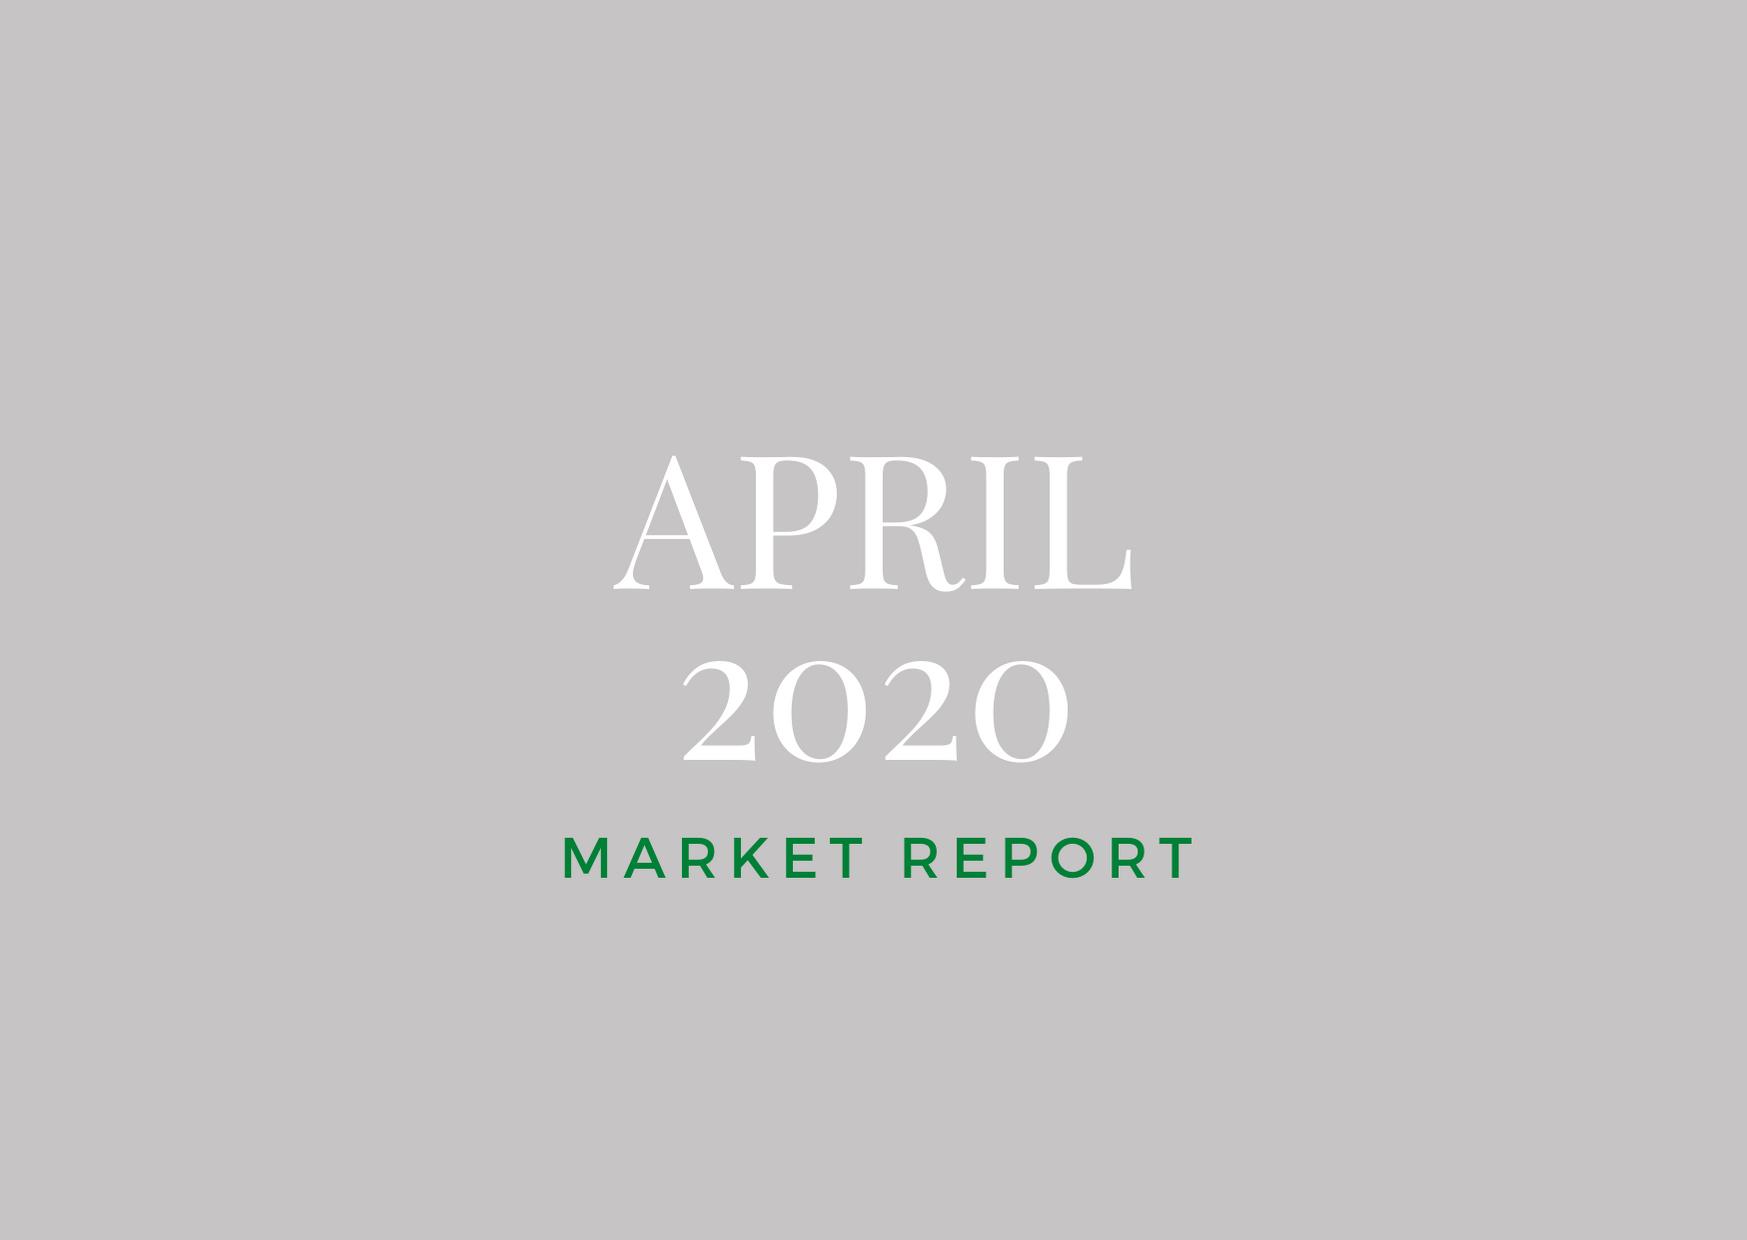 April 2020 Market Report